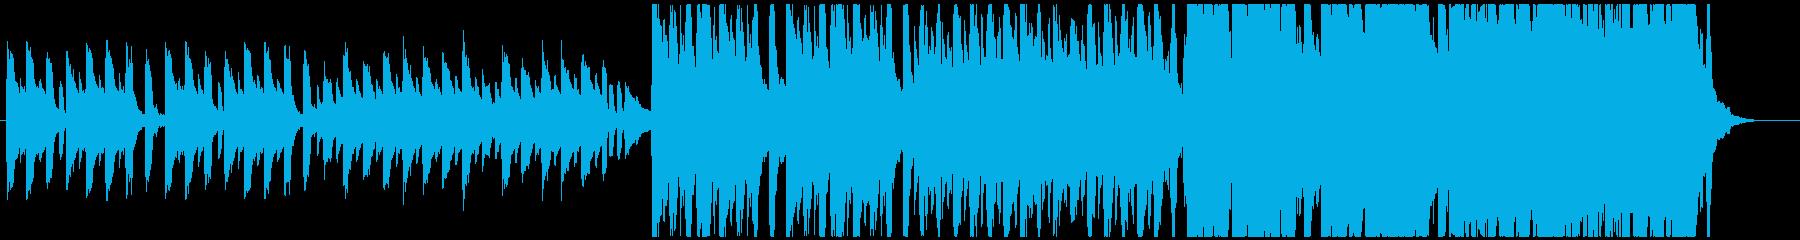 ゆったりテンポから壮大になるハロウィン曲の再生済みの波形